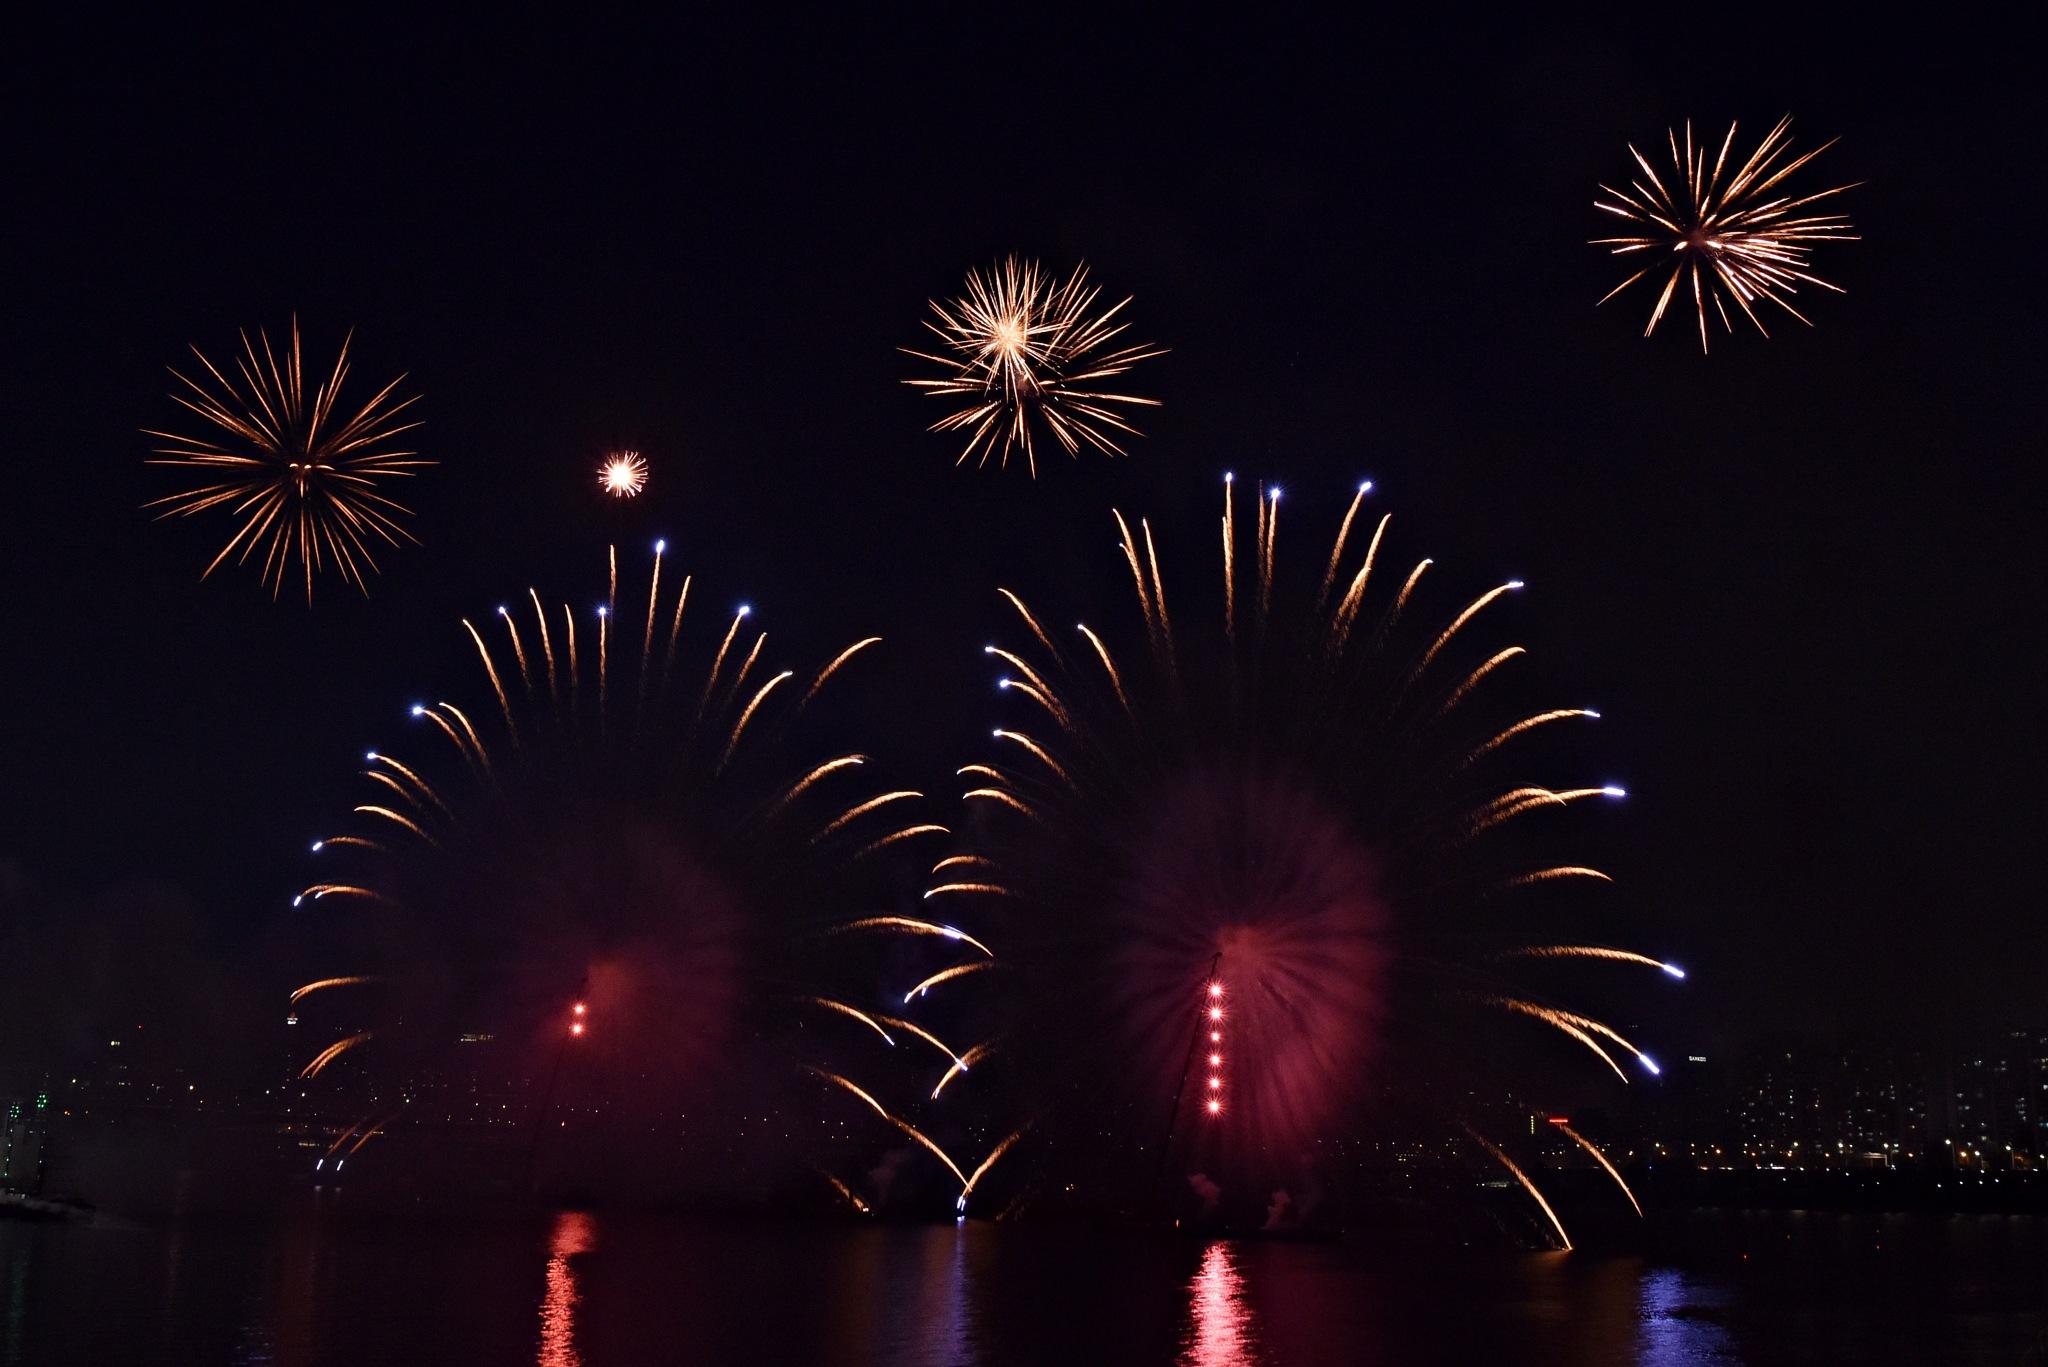 fireworks by Bae Myung-Gyu